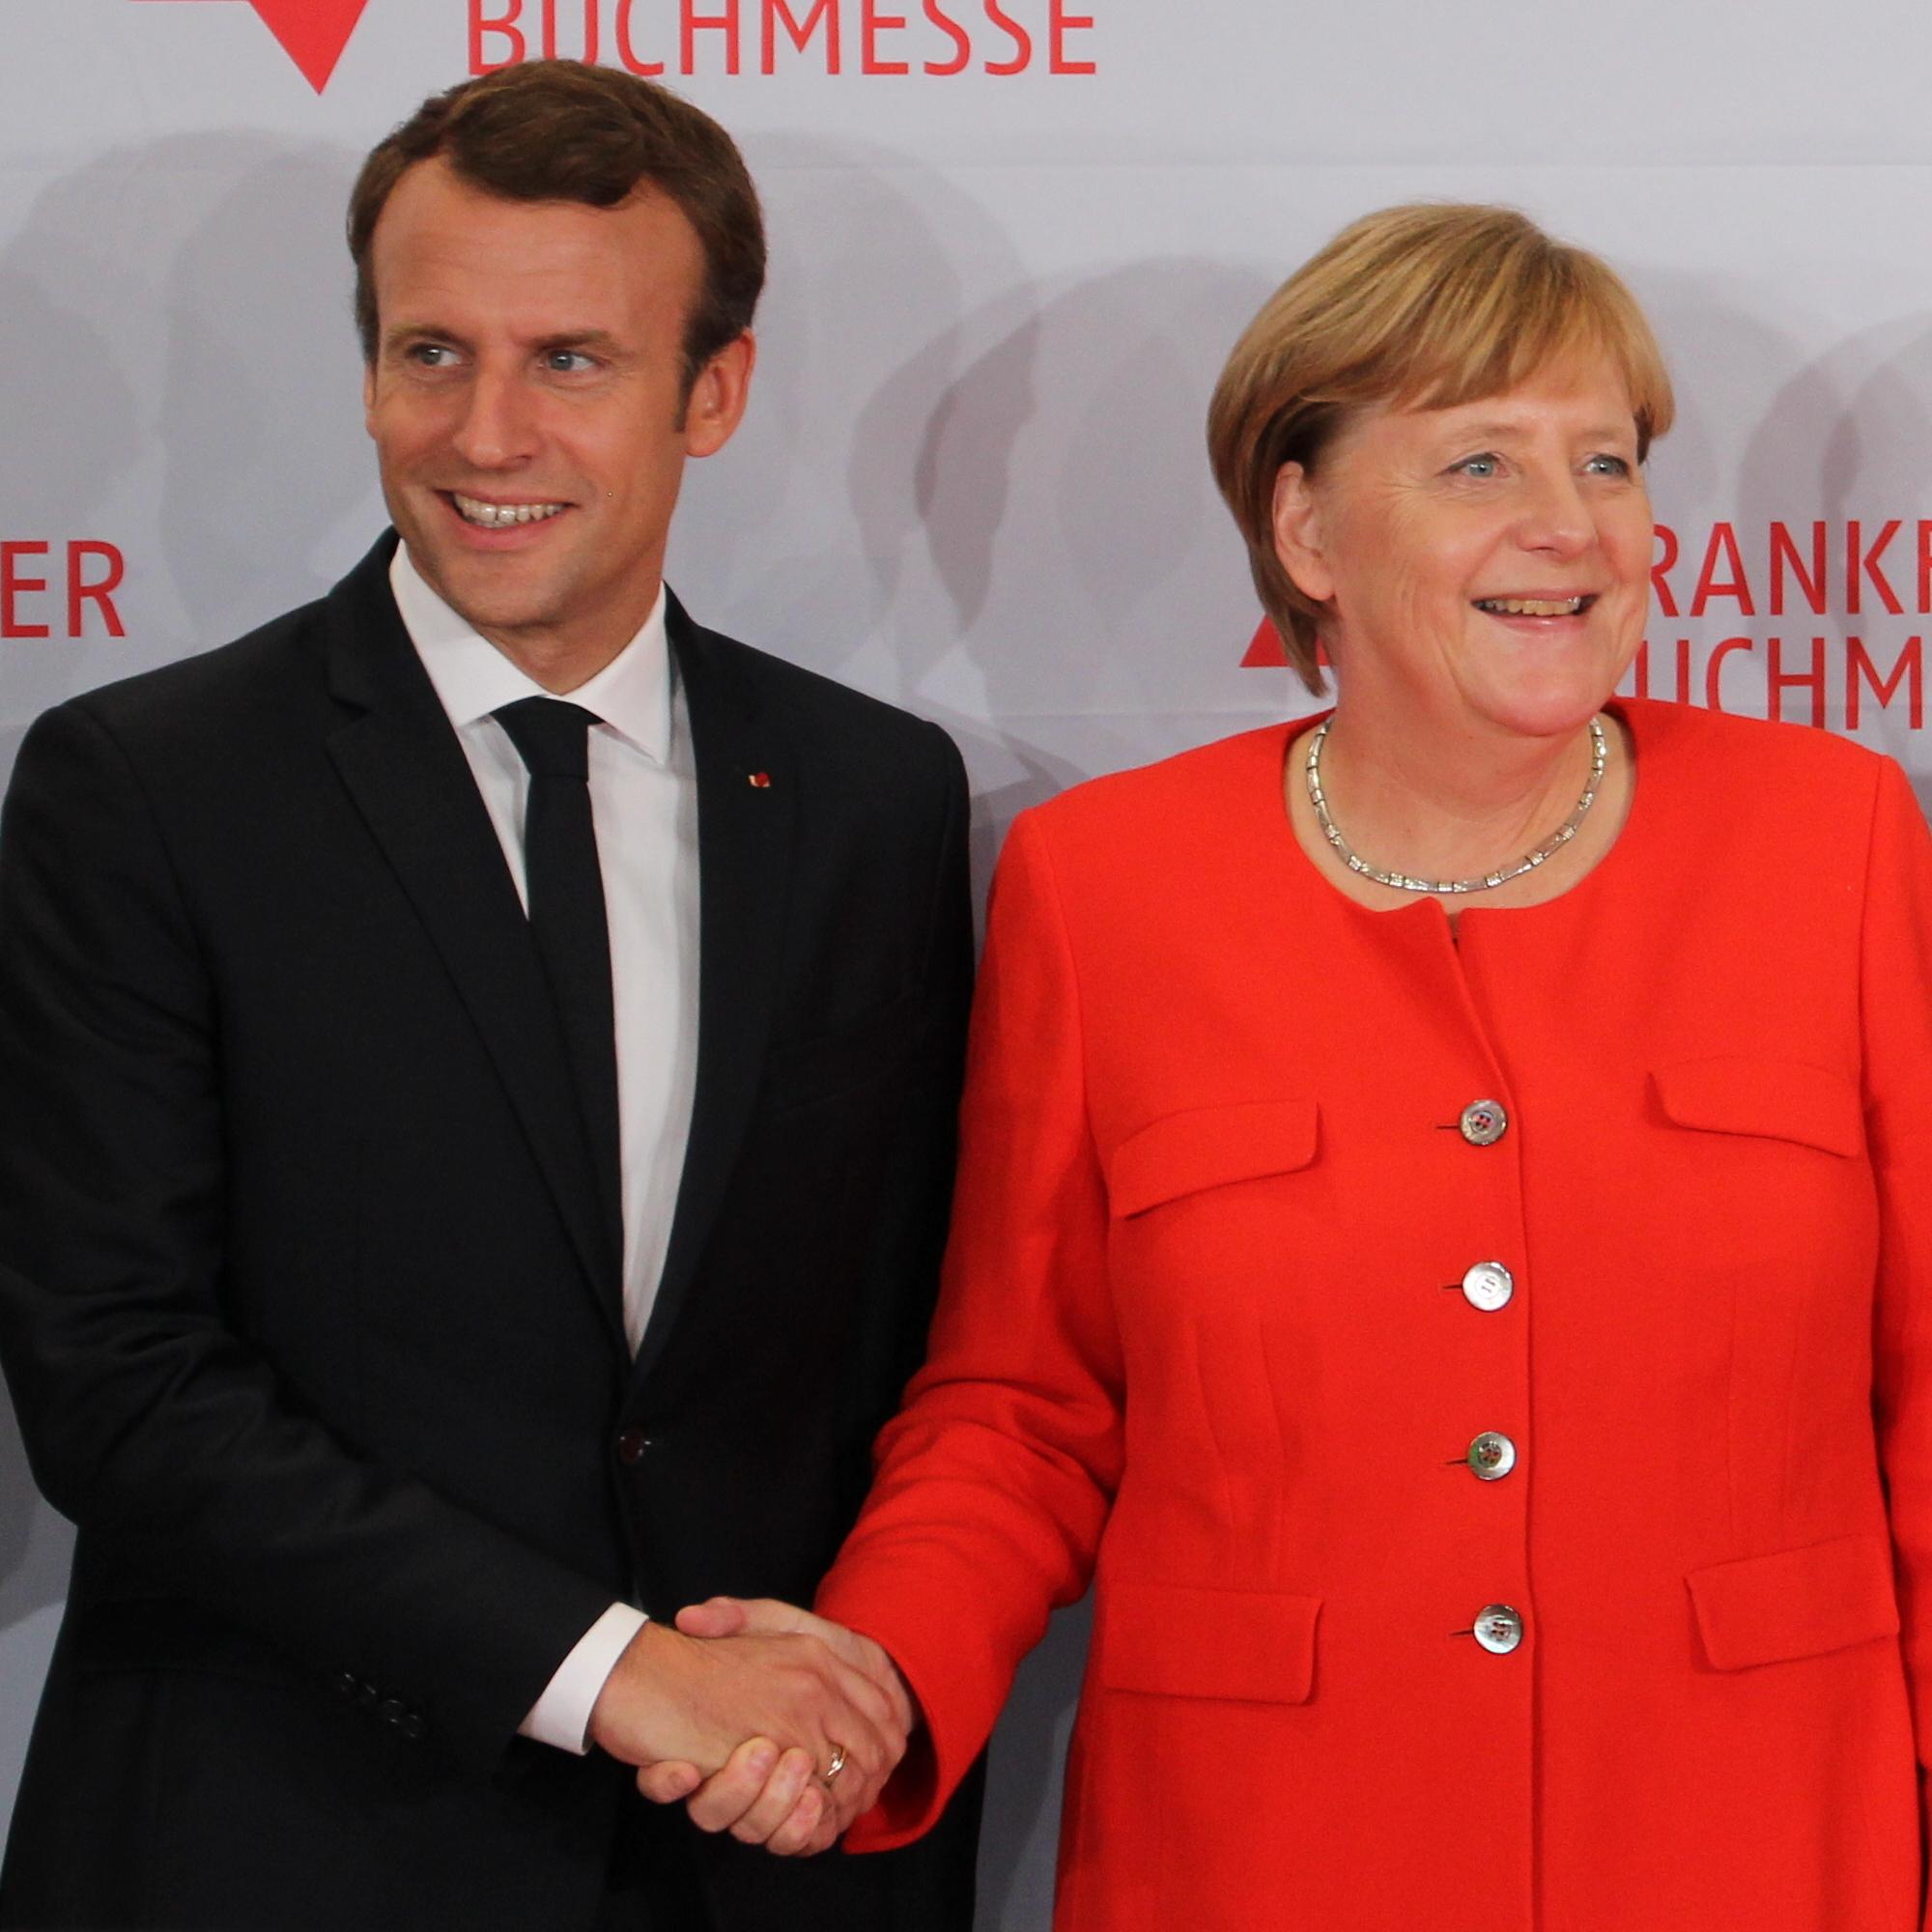 Der Merkel-Macron Vorschlag. Ein Schritt in die richtige Richtung mit einem bitteren Nachgeschmack